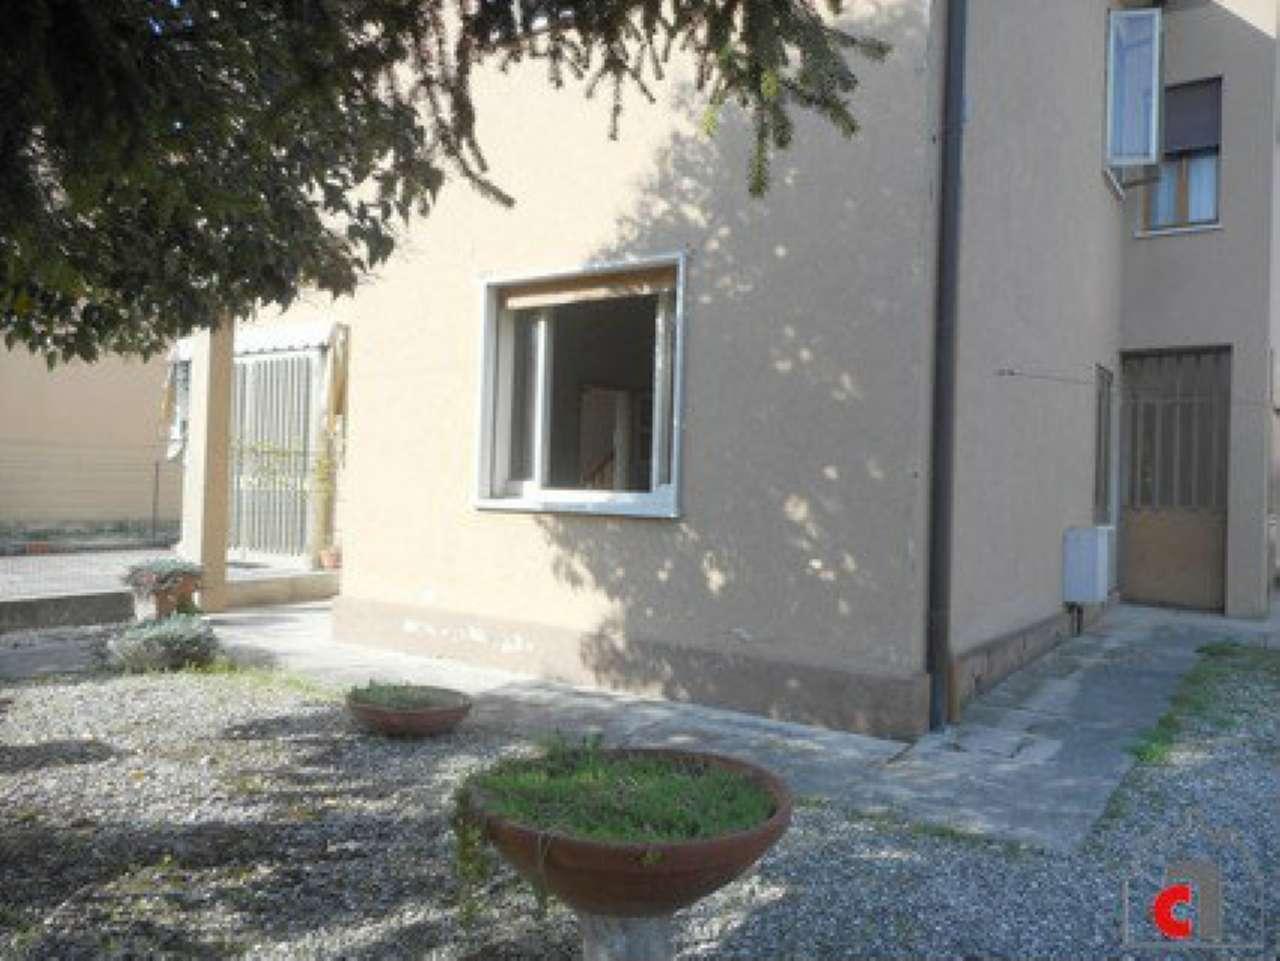 Appartamento in vendita a Padova, 4 locali, zona Zona: 4 . Sud-Est (S.Croce-S. Osvaldo, Bassanello-Voltabarozzo), prezzo € 195.000 | Cambio Casa.it